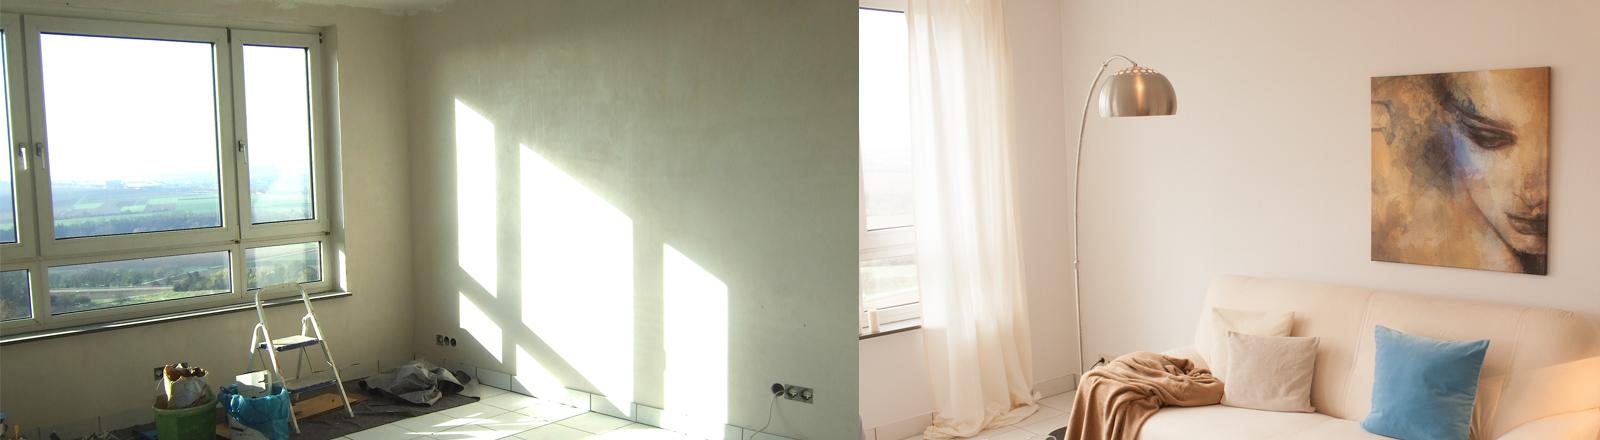 Eine Wohnung vor und nach dem Home Staging